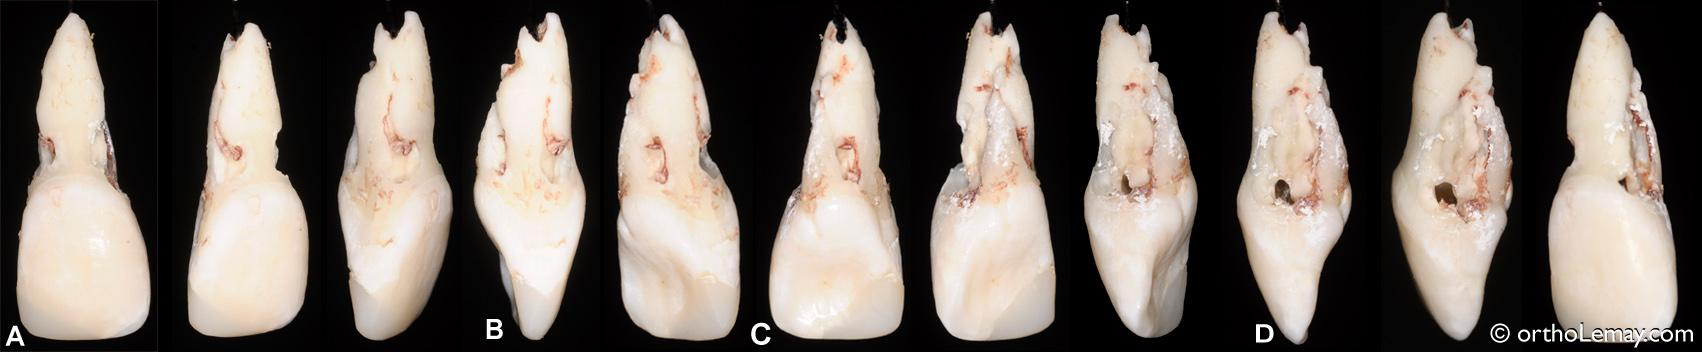 Photos montrant les différentes surfaces de l'incisive centrale droite sévèrement affectée par de la rhizalyse ou résorption radiculaire.